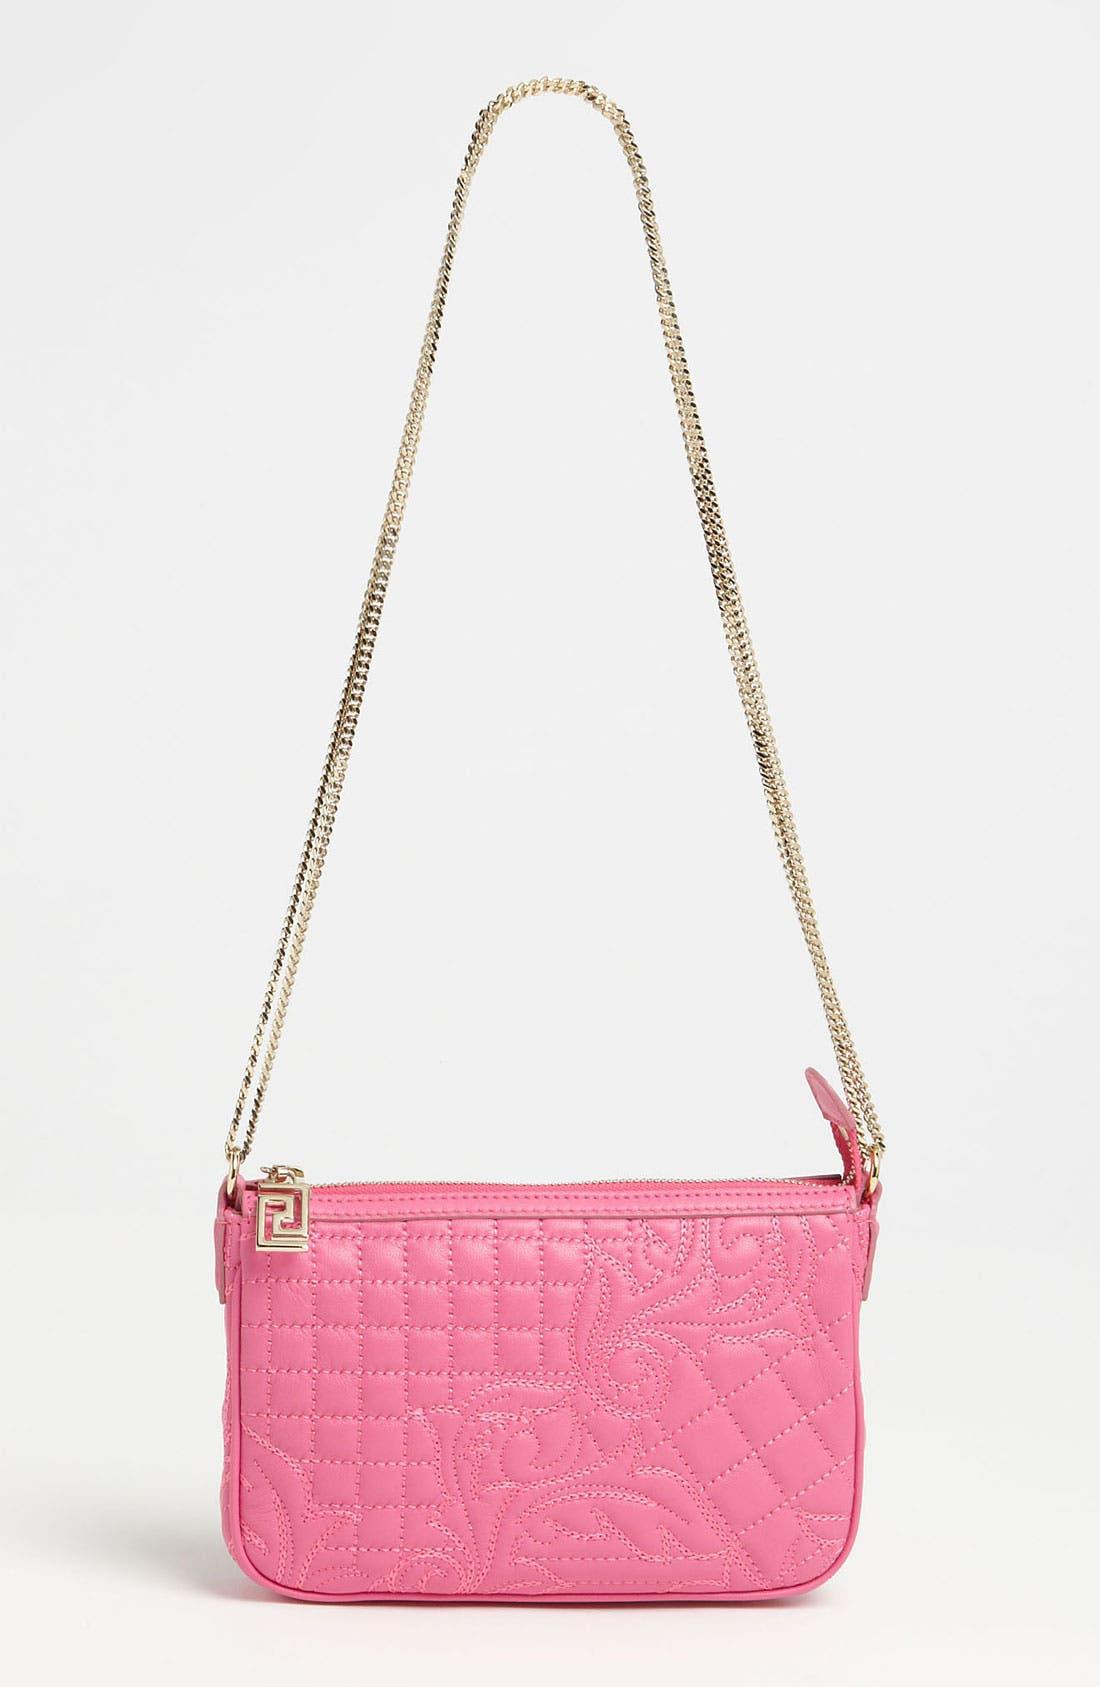 Main Image - Versace 'Vanitas' Leather Crossbody Bag